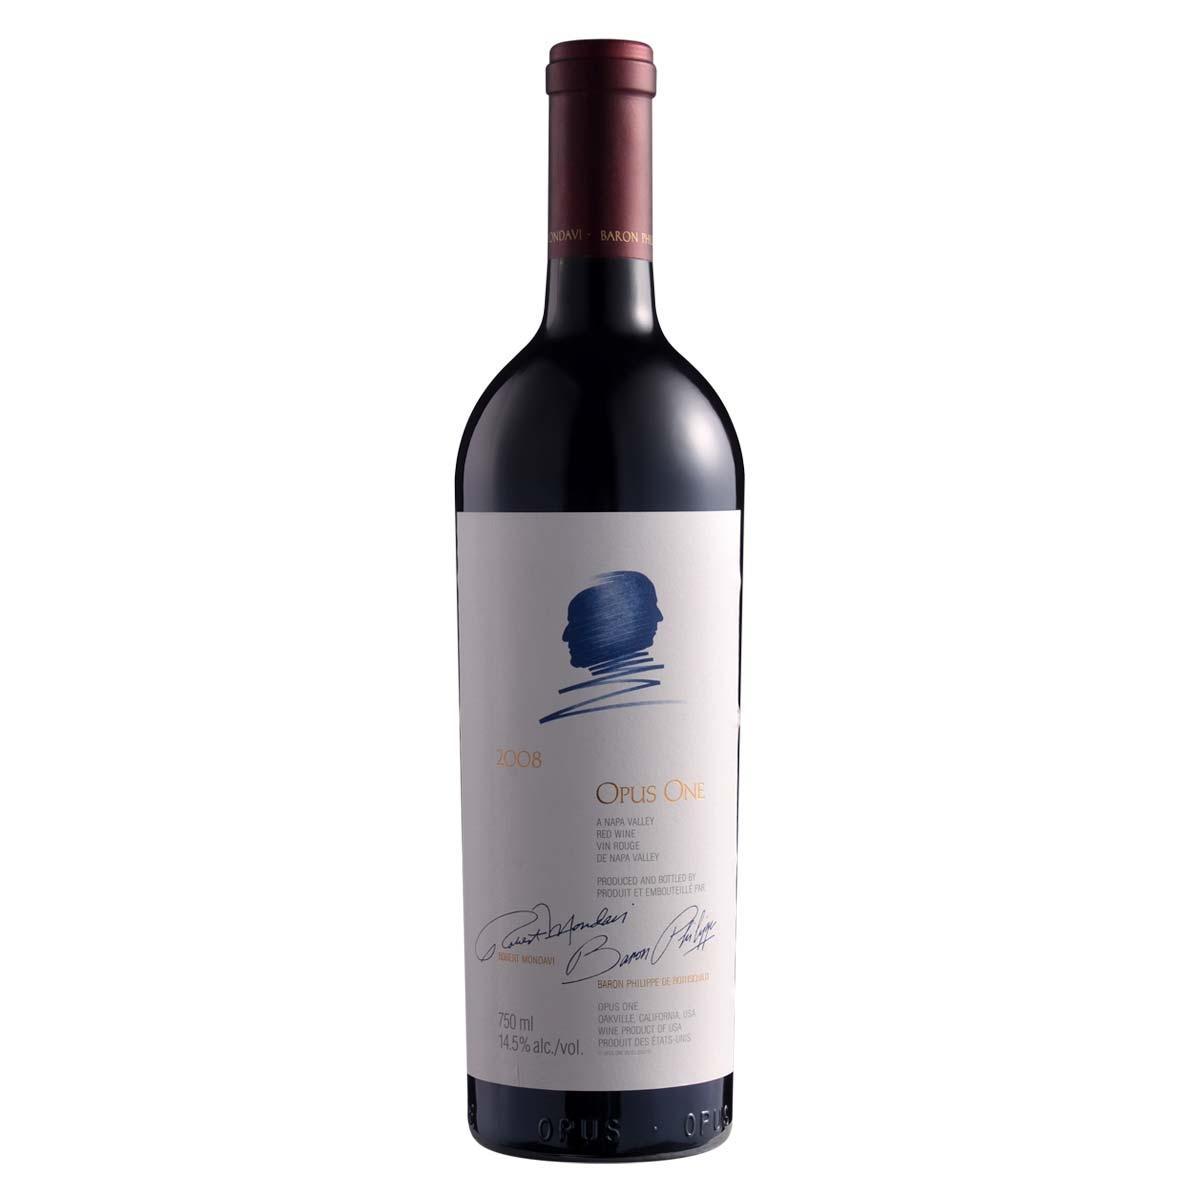 上海进口红酒代理、作品一号红酒专卖、作品一号葡萄酒价格